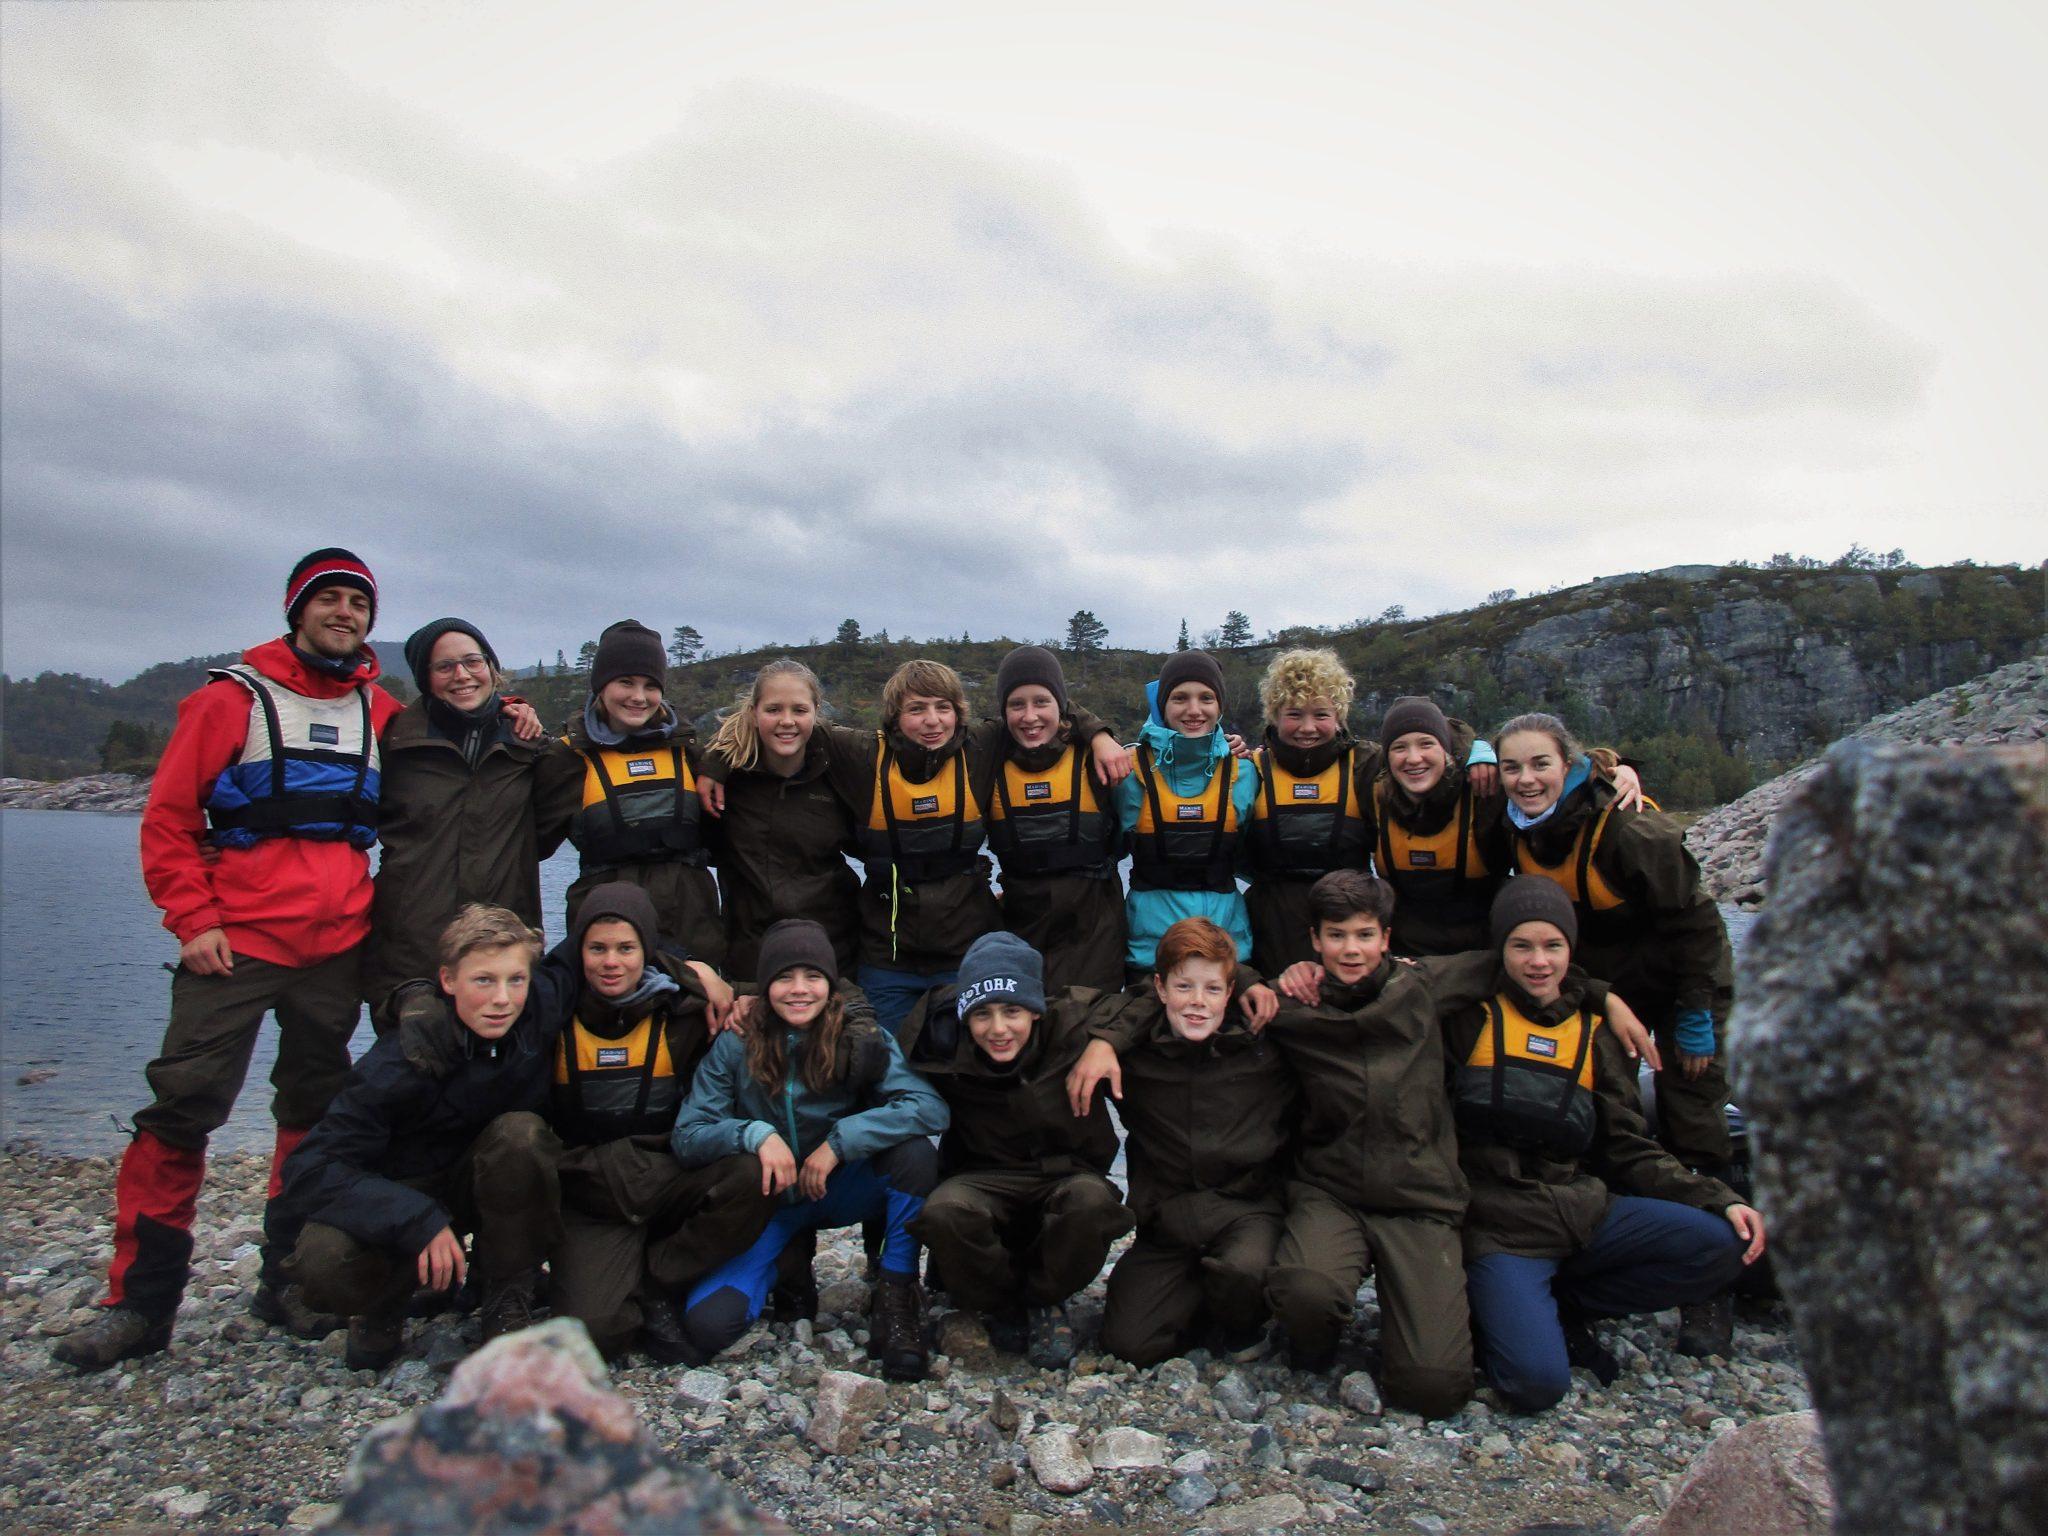 Gruppenfoto mit Jugendlichen und Tutor des 2019/20 Jahrgangs des Outdoor College in einer typischen norwegischen Felslandschaft mit einem See